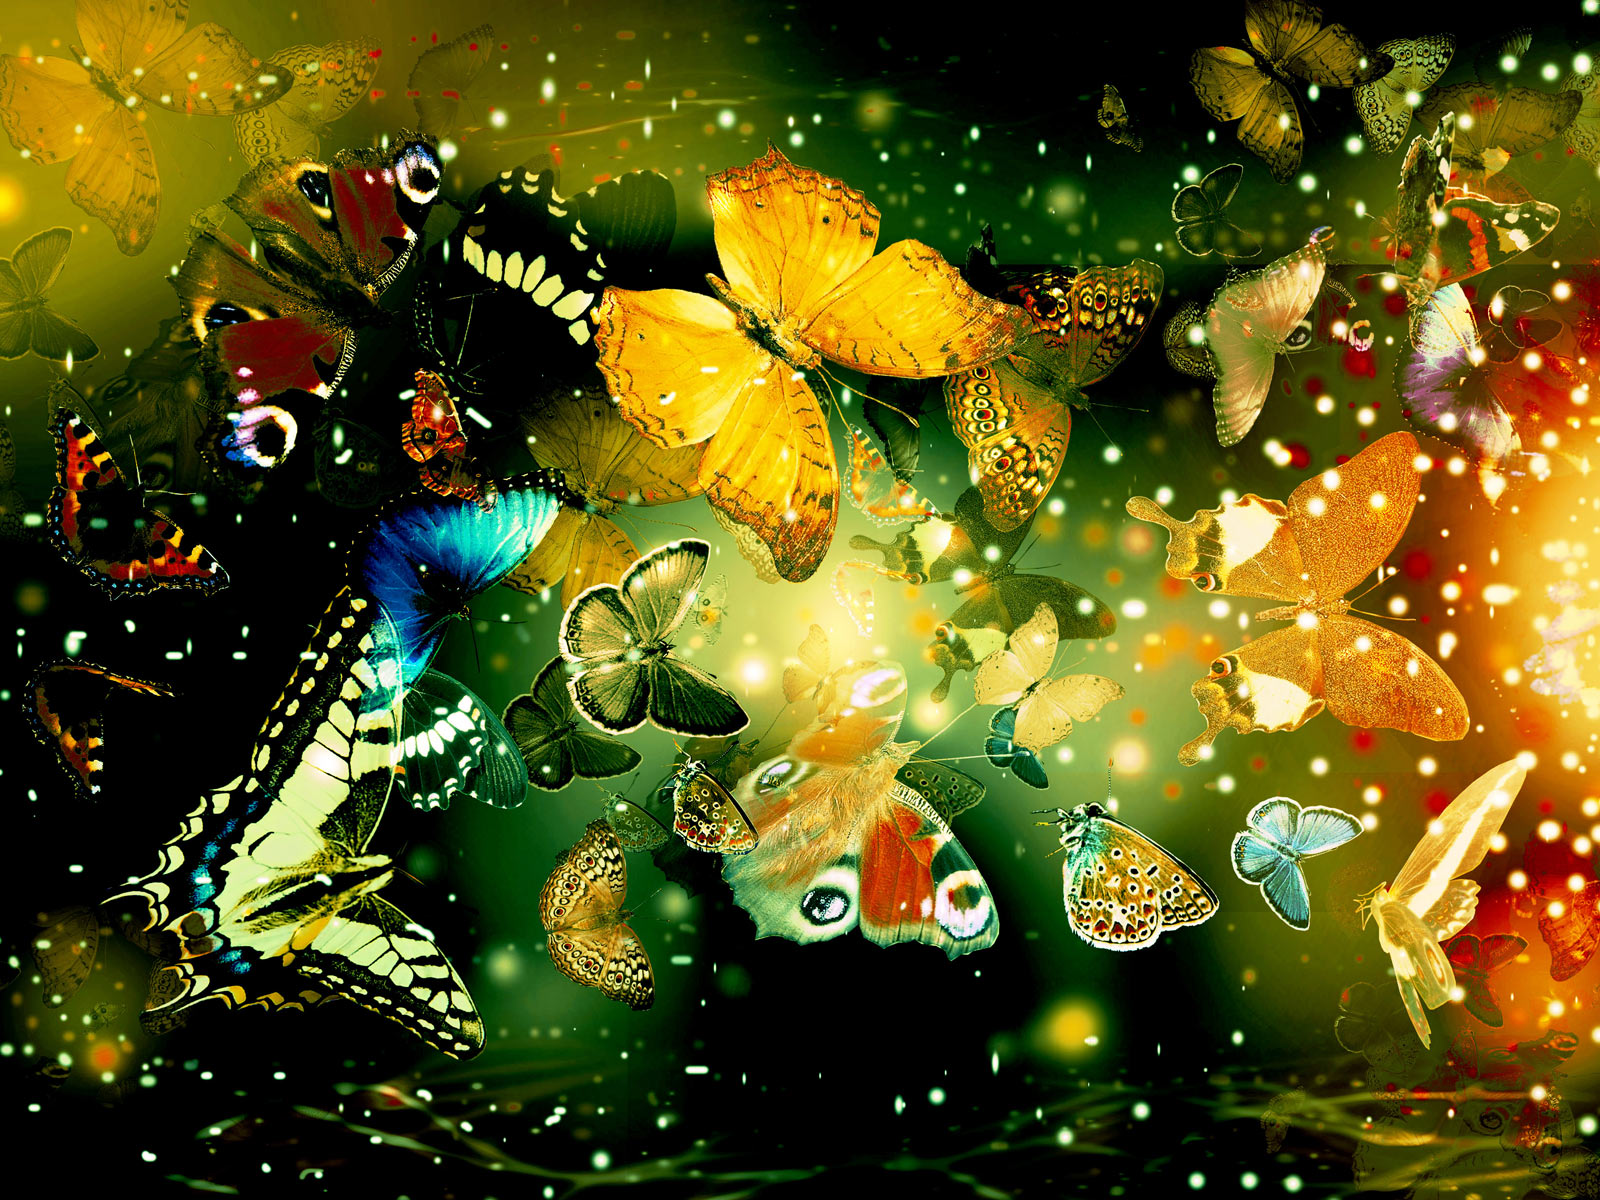 http://4.bp.blogspot.com/-2d7PS5hie2E/UKzLPzat1CI/AAAAAAAACGc/j05lDn_HVvI/s1600/desktop+wallpaper+butterflies.jpg